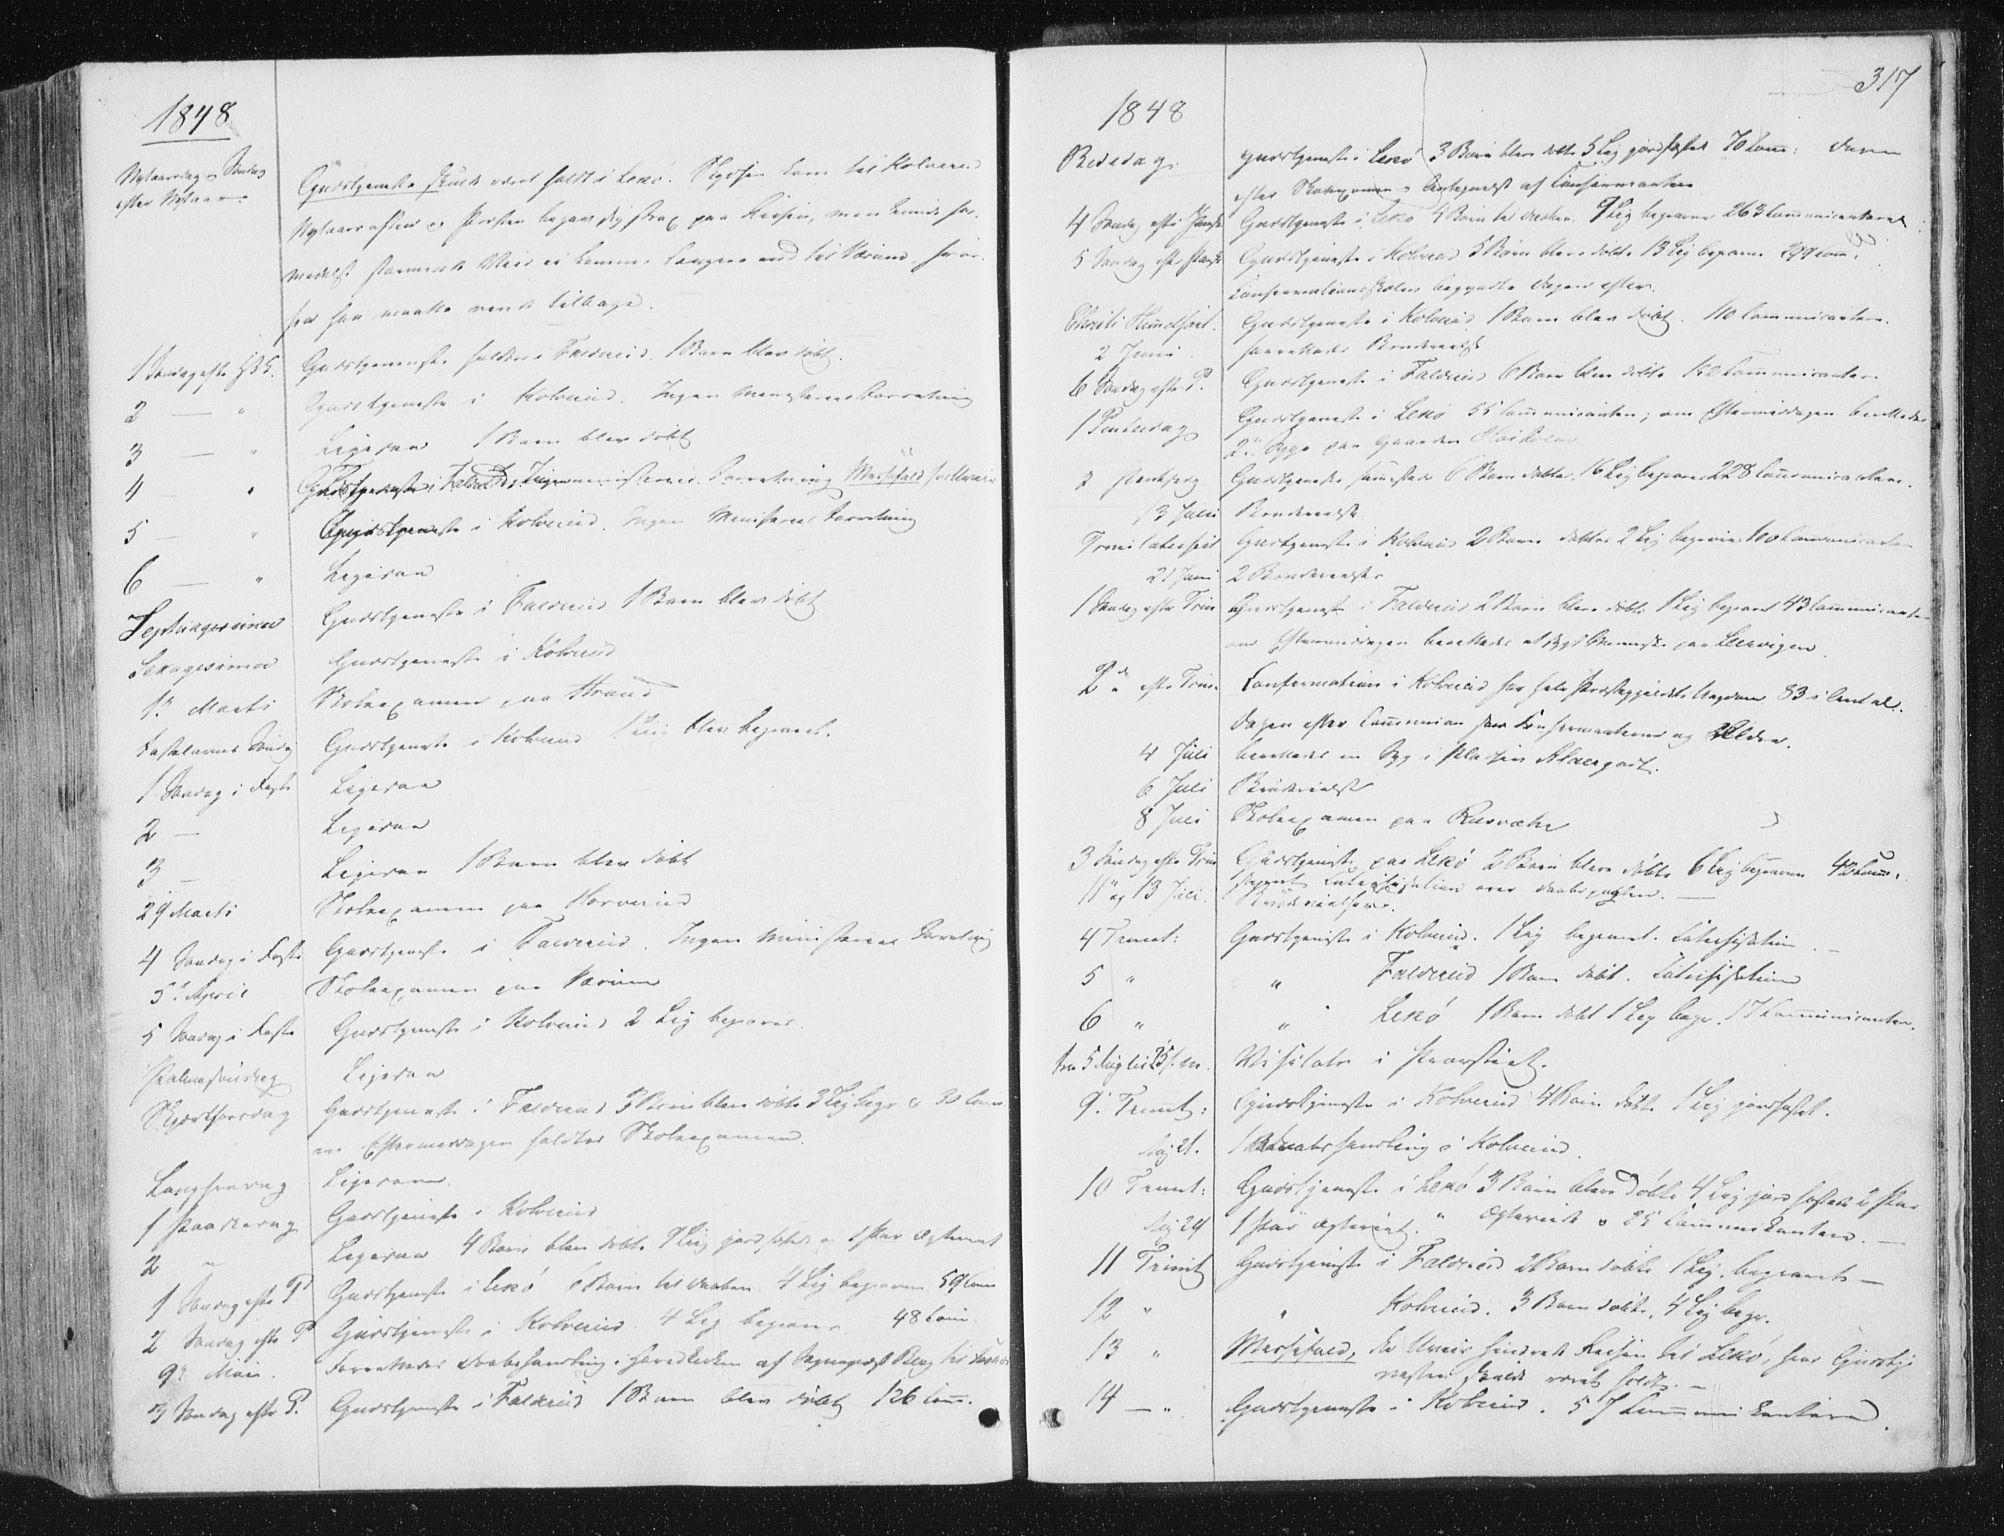 SAT, Ministerialprotokoller, klokkerbøker og fødselsregistre - Nord-Trøndelag, 780/L0640: Ministerialbok nr. 780A05, 1845-1856, s. 317